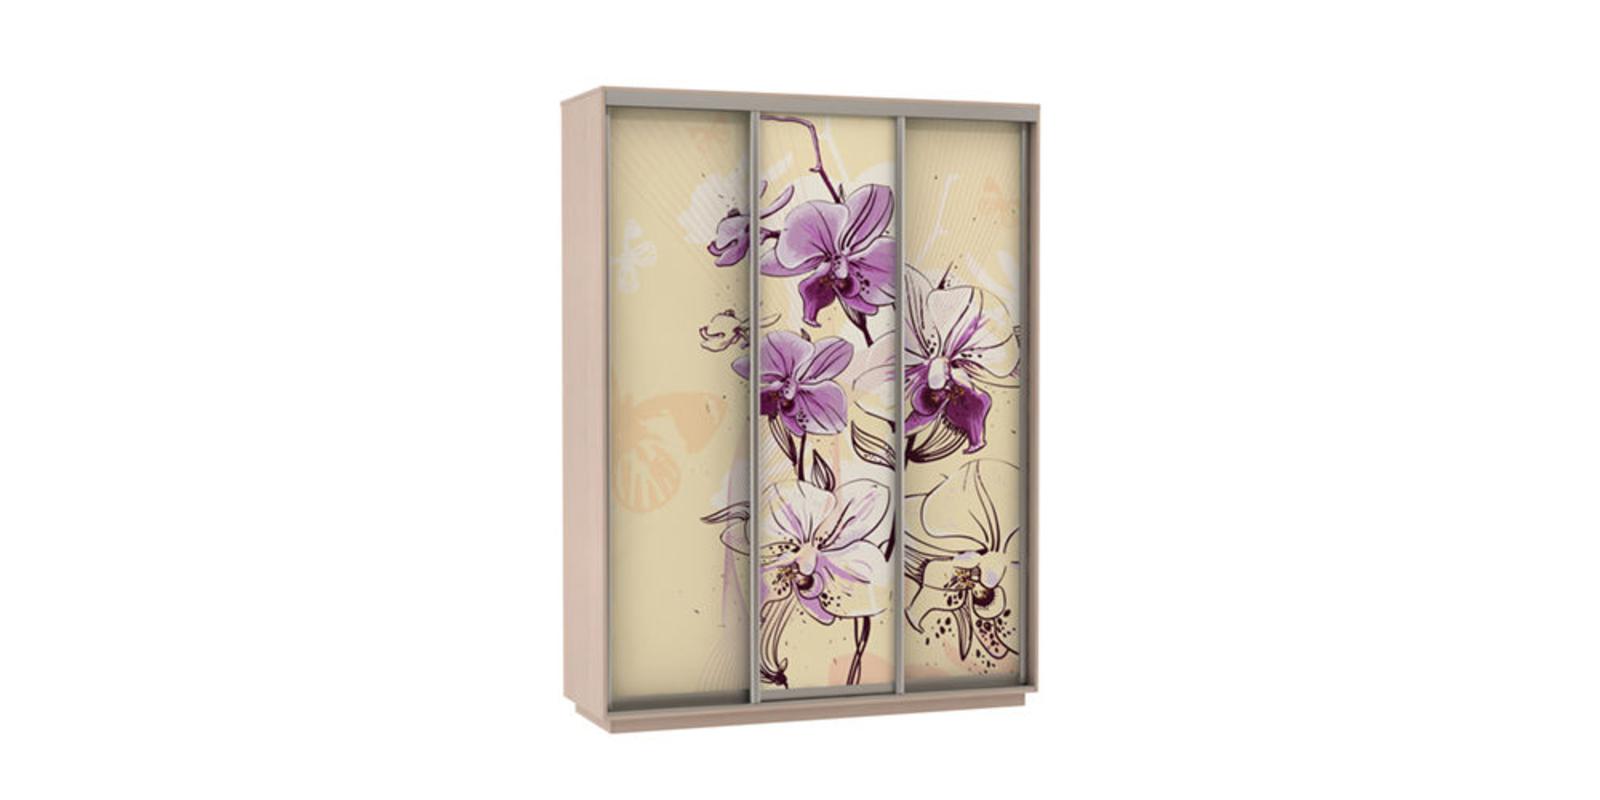 Шкаф-купе трехдверный Байкал 180 см (дуб молочный/орхидея)